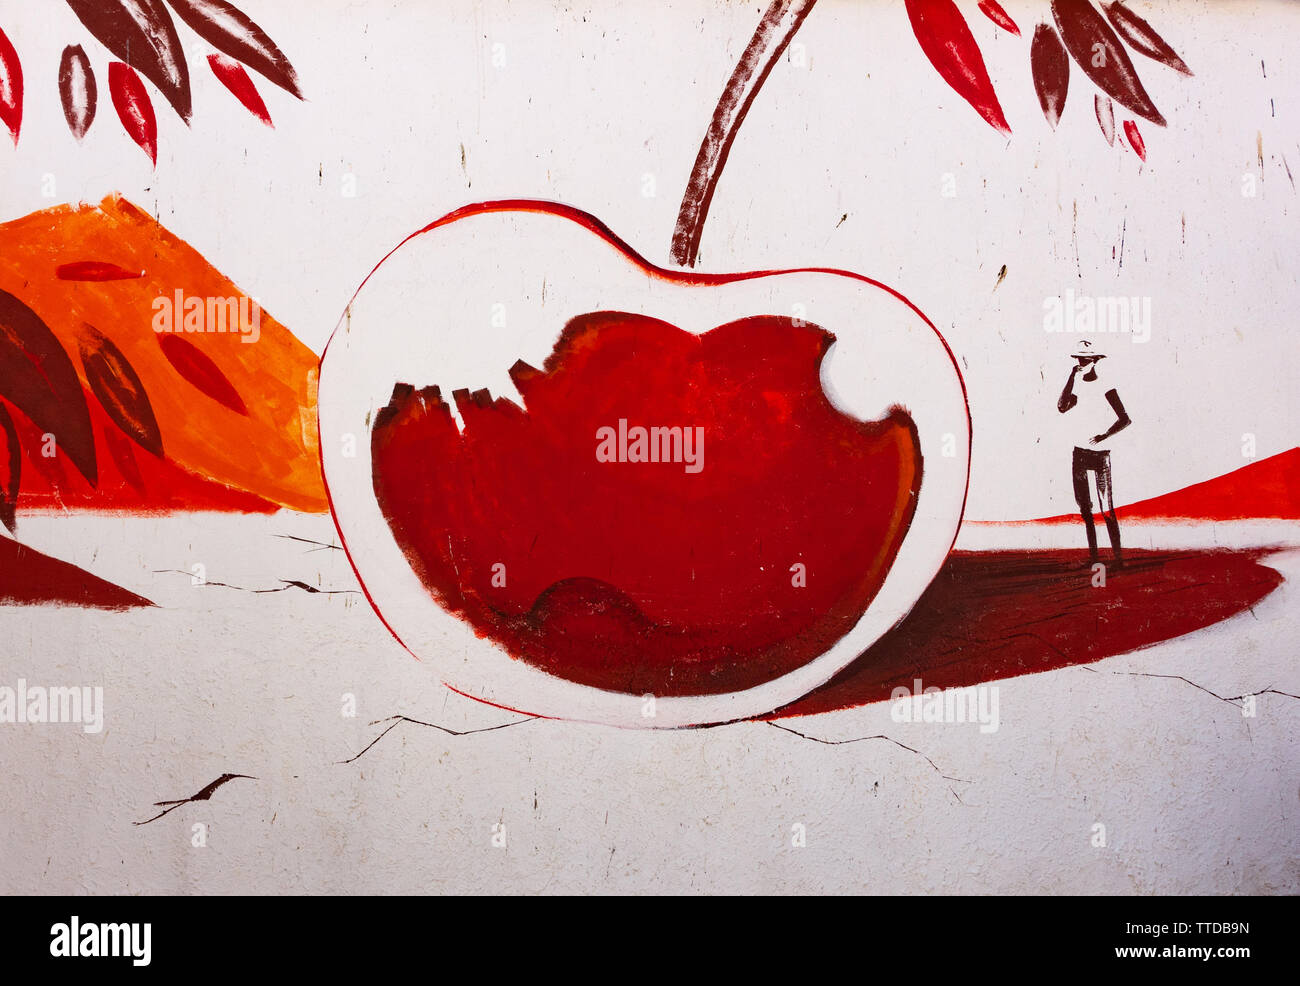 Grafik Malerei einer Kirsche das Festival von Kirschen in Spanien zu gedenken. Stockbild